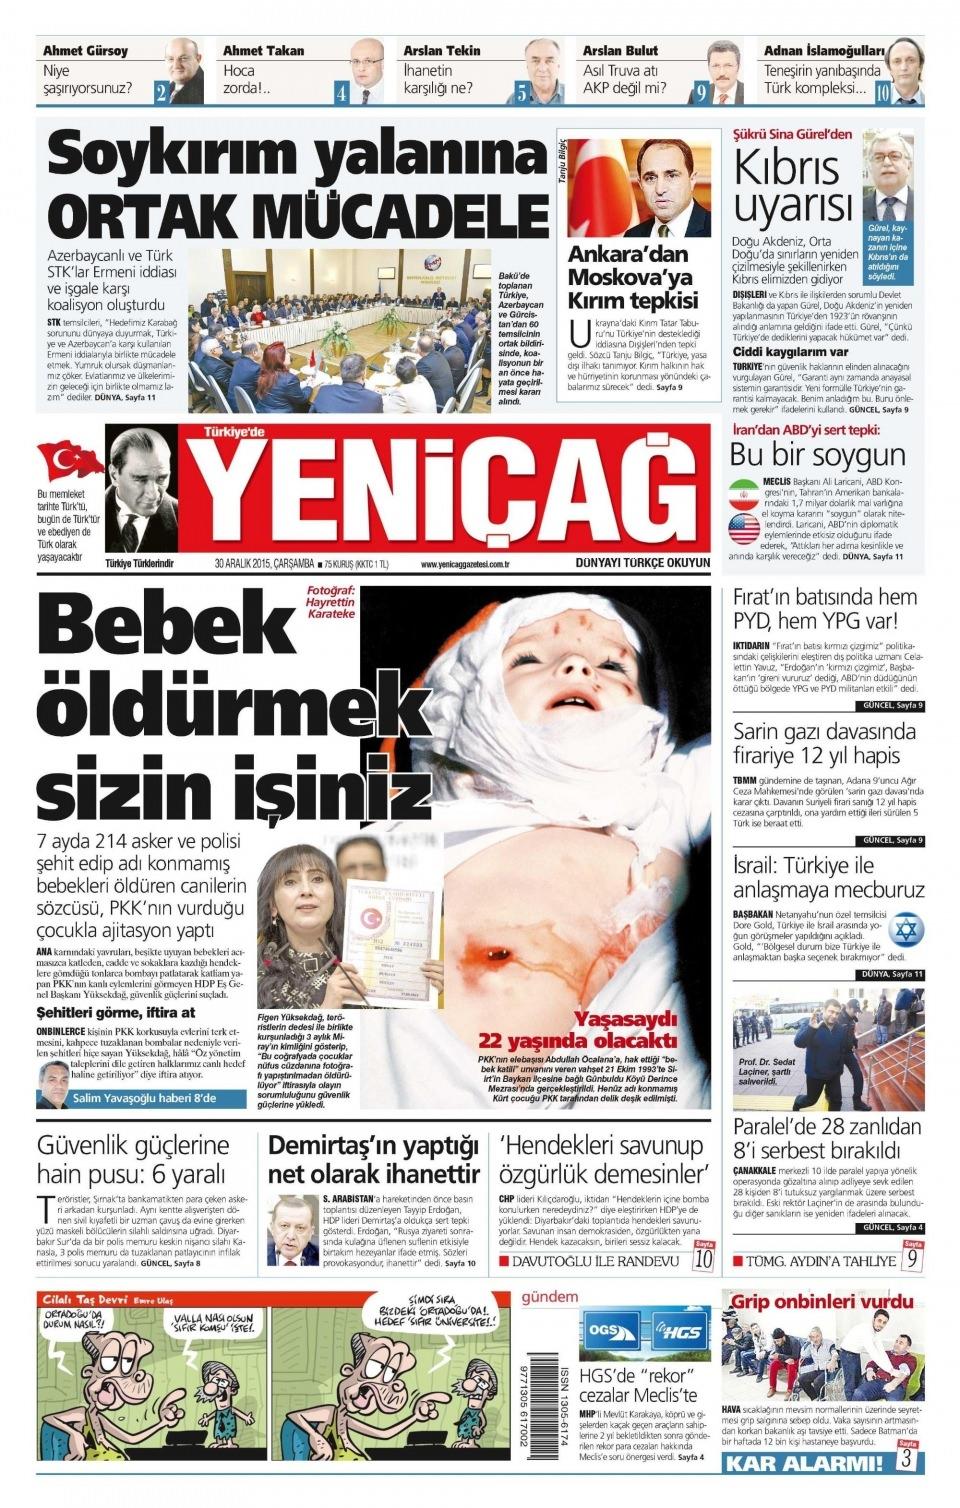 30 Aralık 2015 gazete manşetleri 29